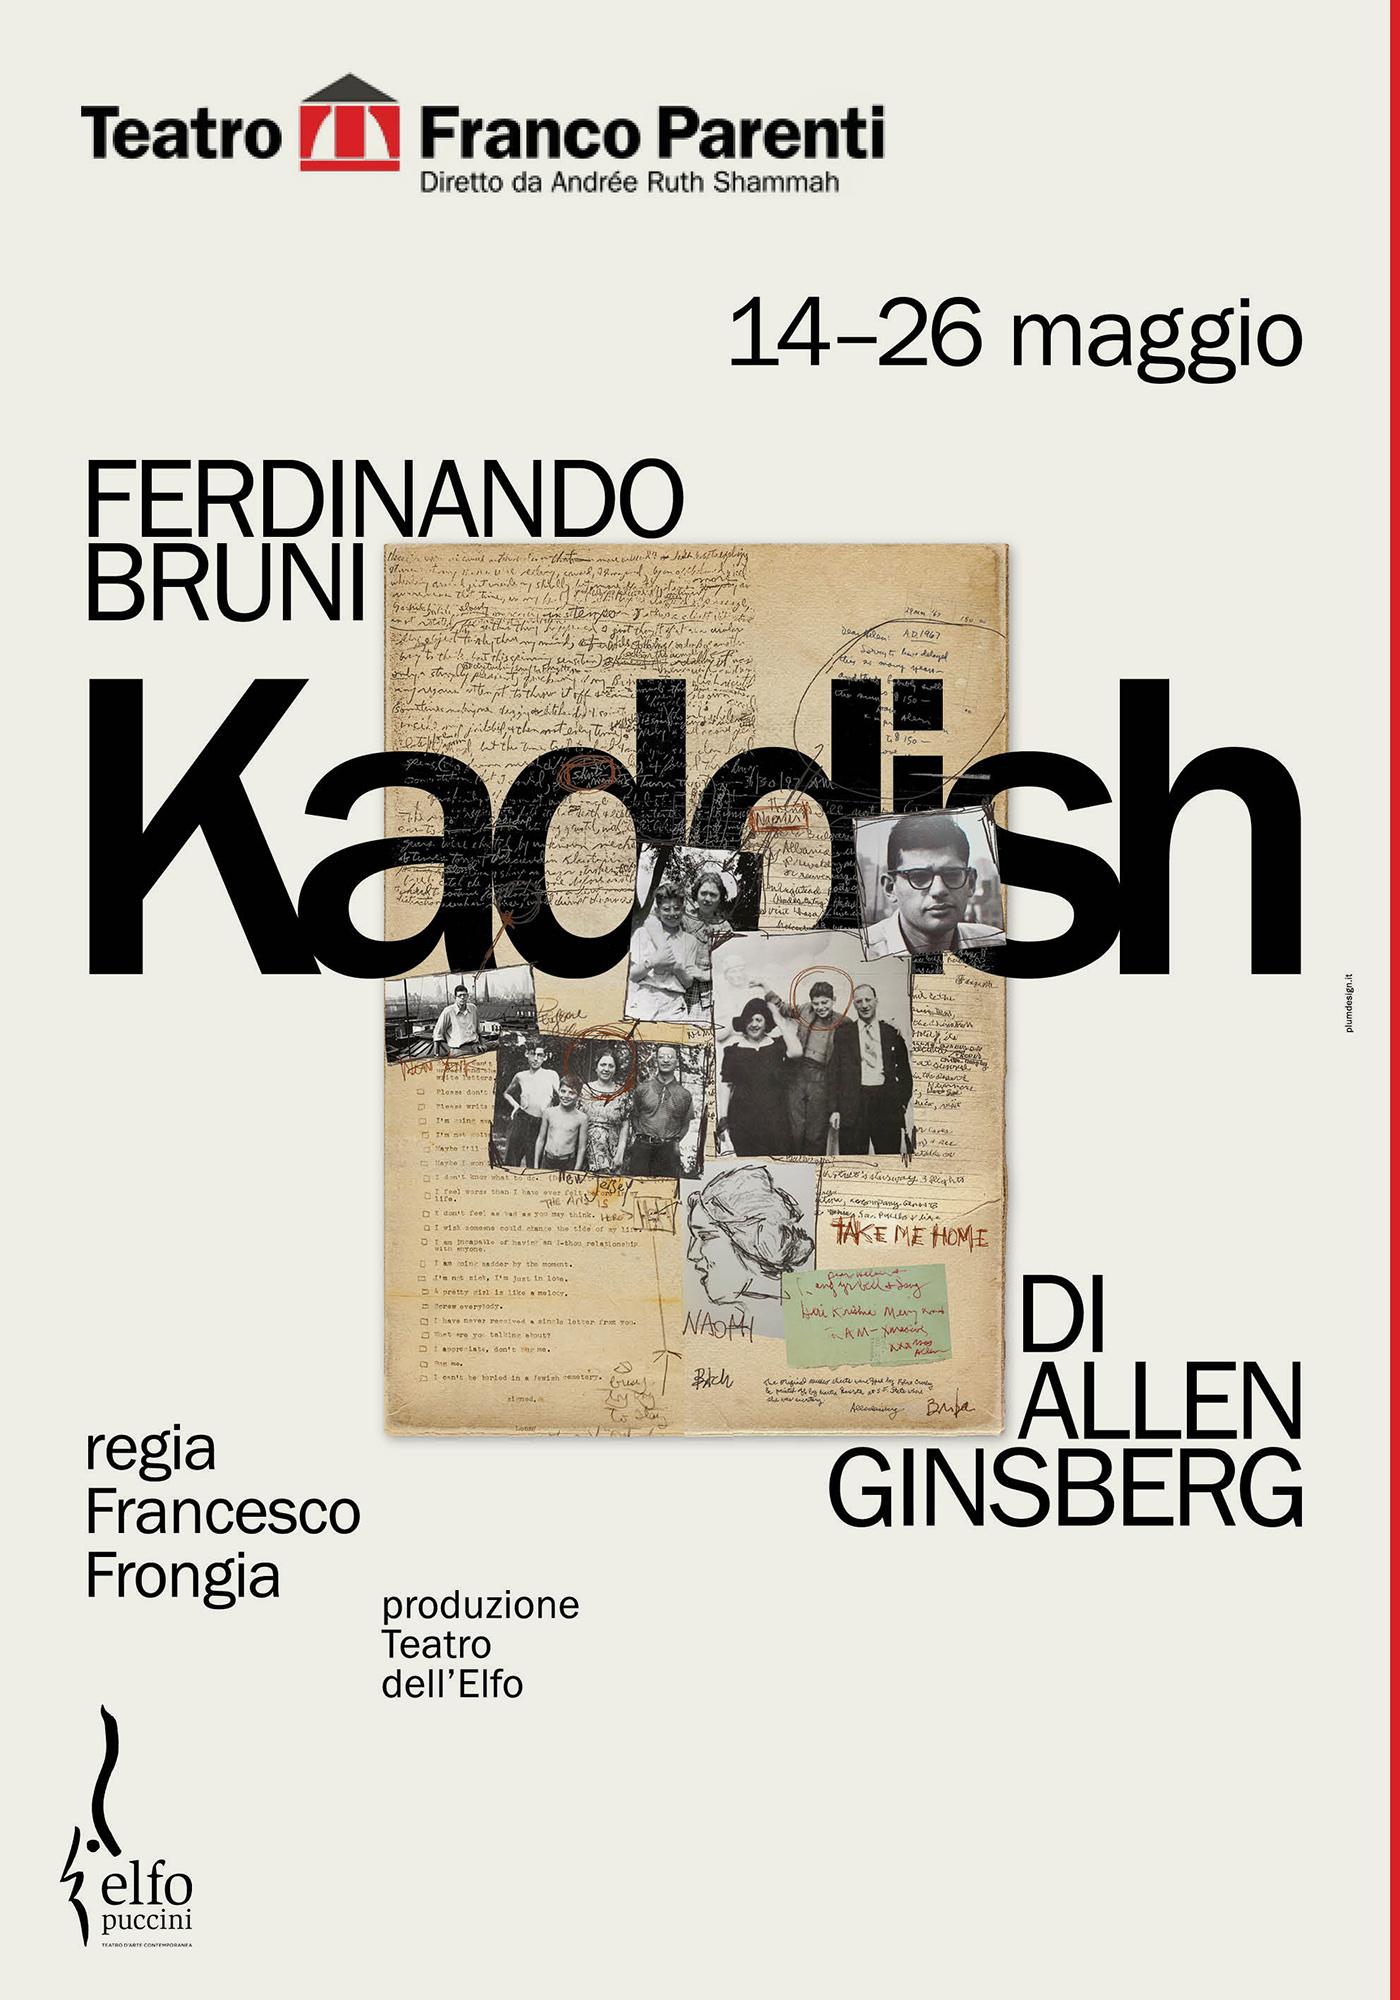 Kaddish di Allen Ginsberg